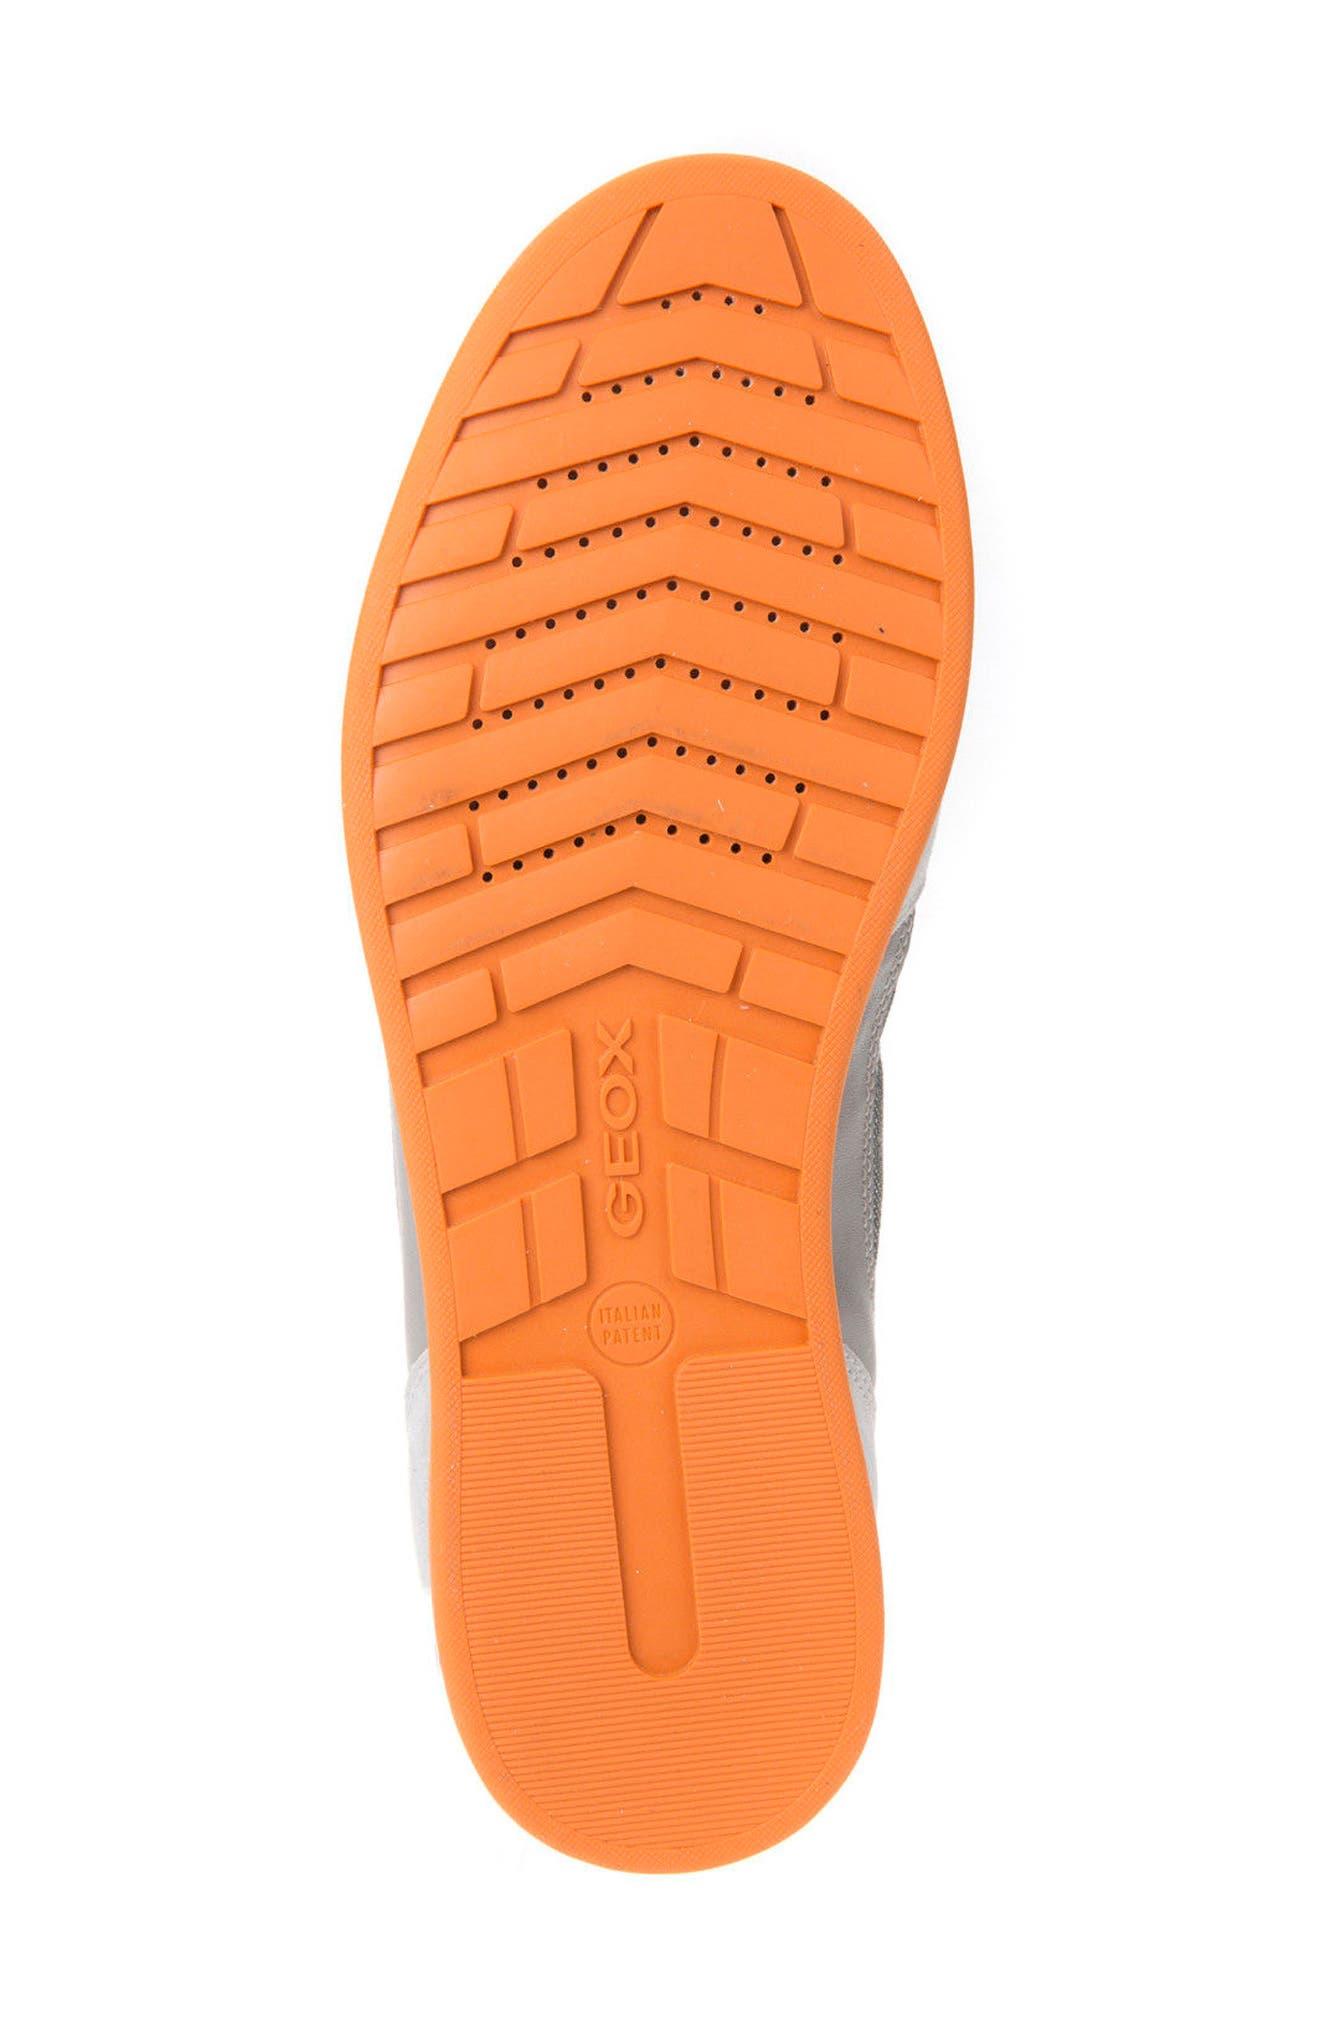 Renan 1 Low Top Sneaker,                             Alternate thumbnail 6, color,                             030